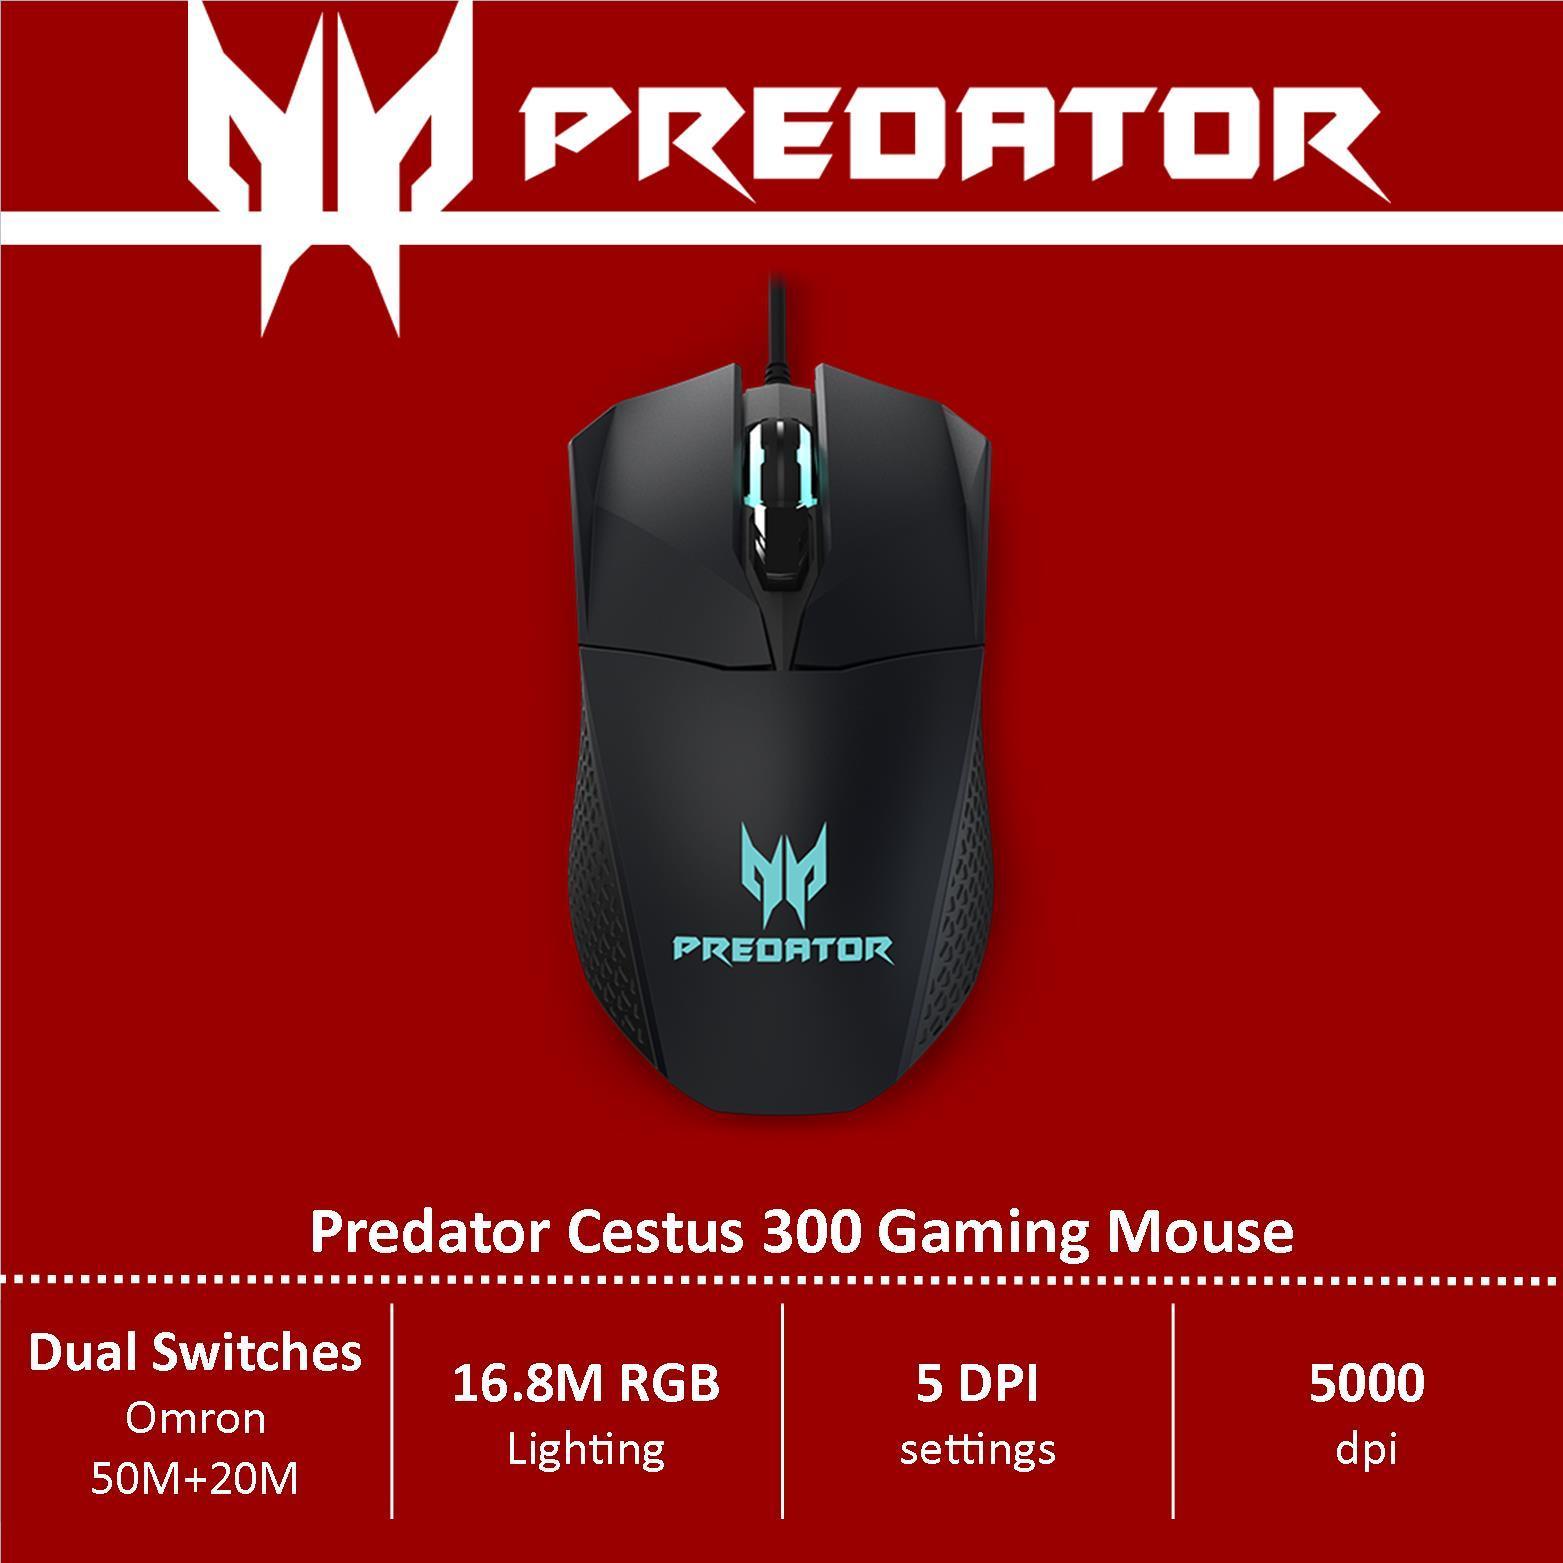 Predator Cestus 300 Gaming Mouse (Gaming Gadget)